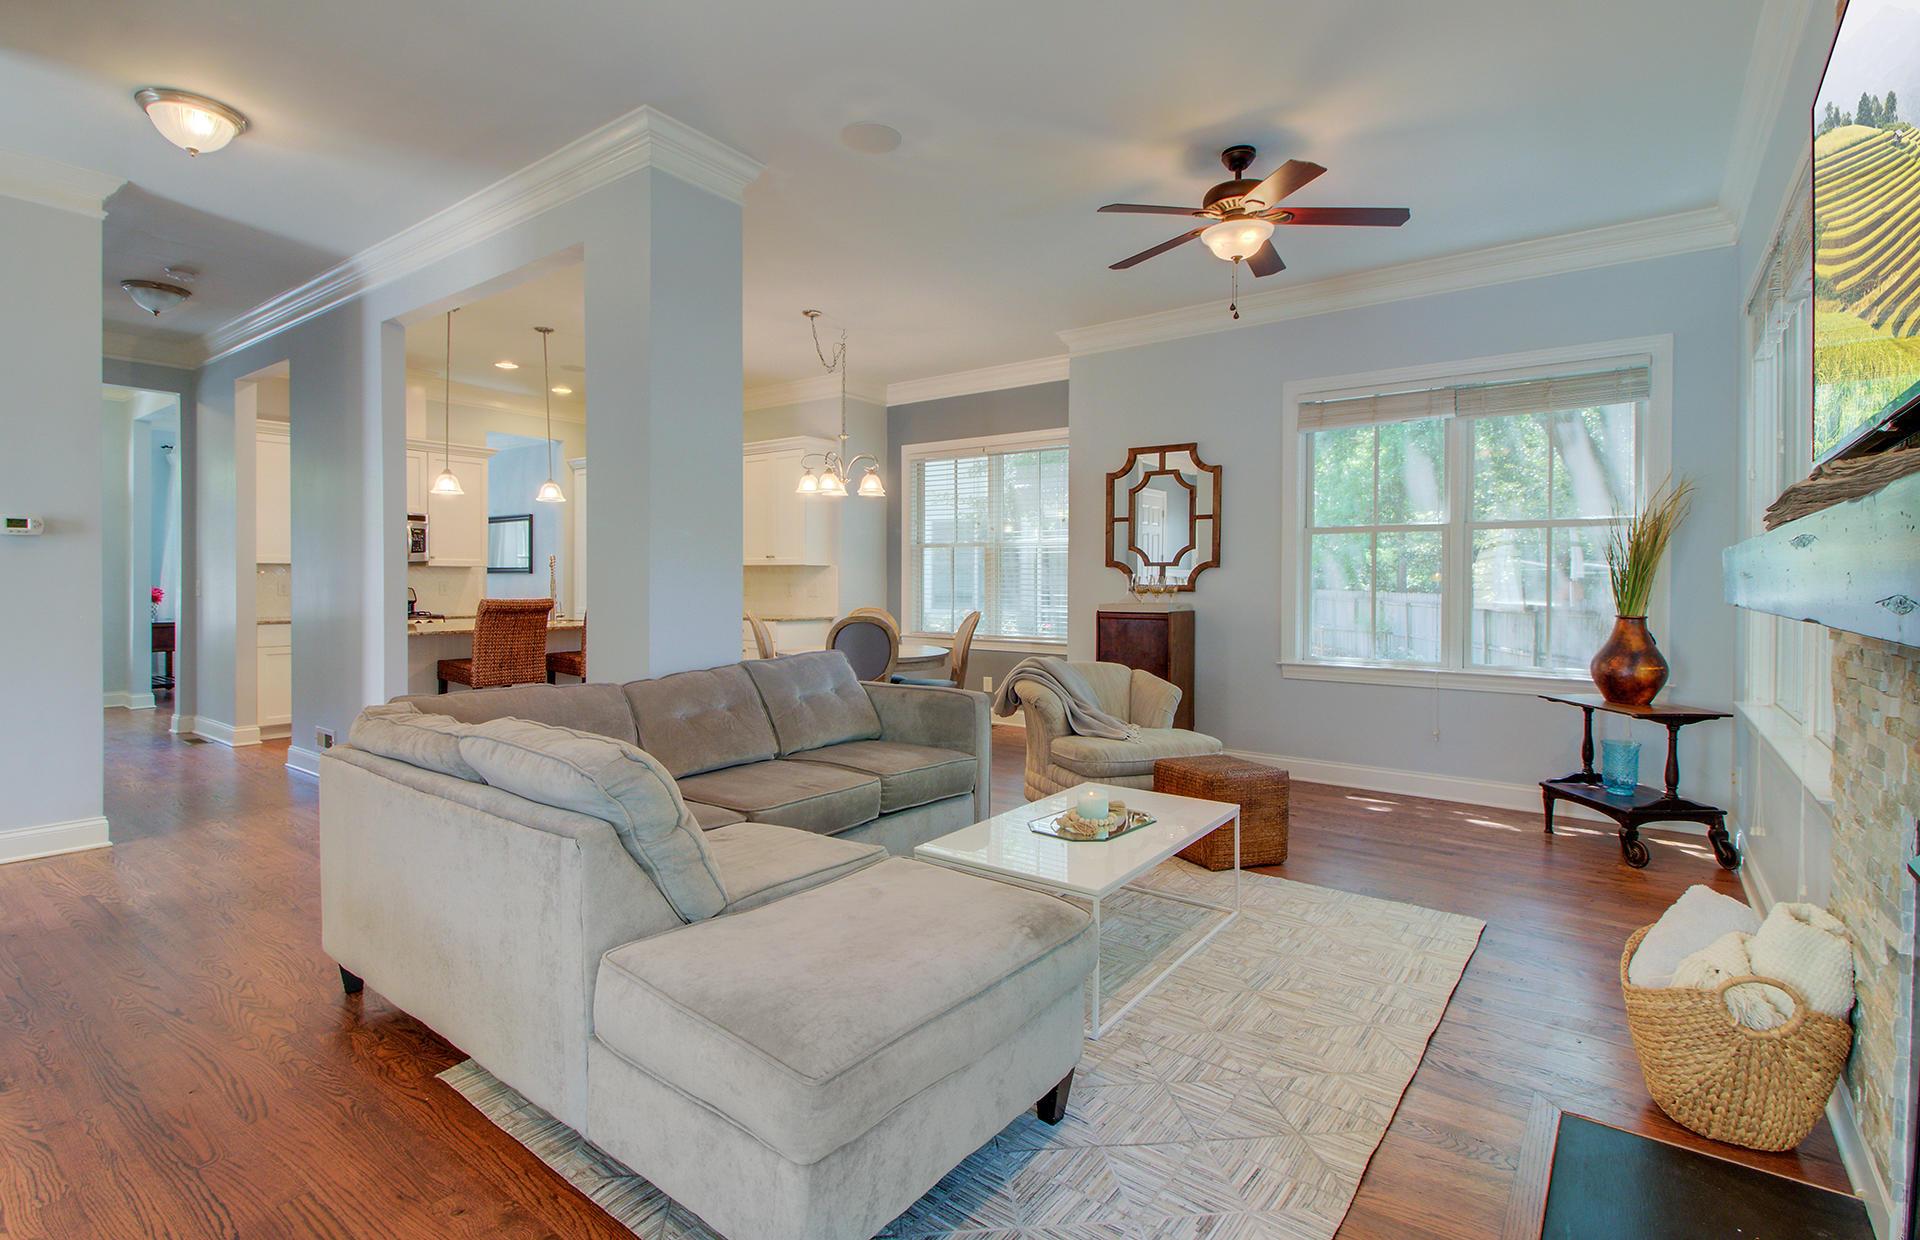 Phillips Park Homes For Sale - 1129 Phillips Park, Mount Pleasant, SC - 51